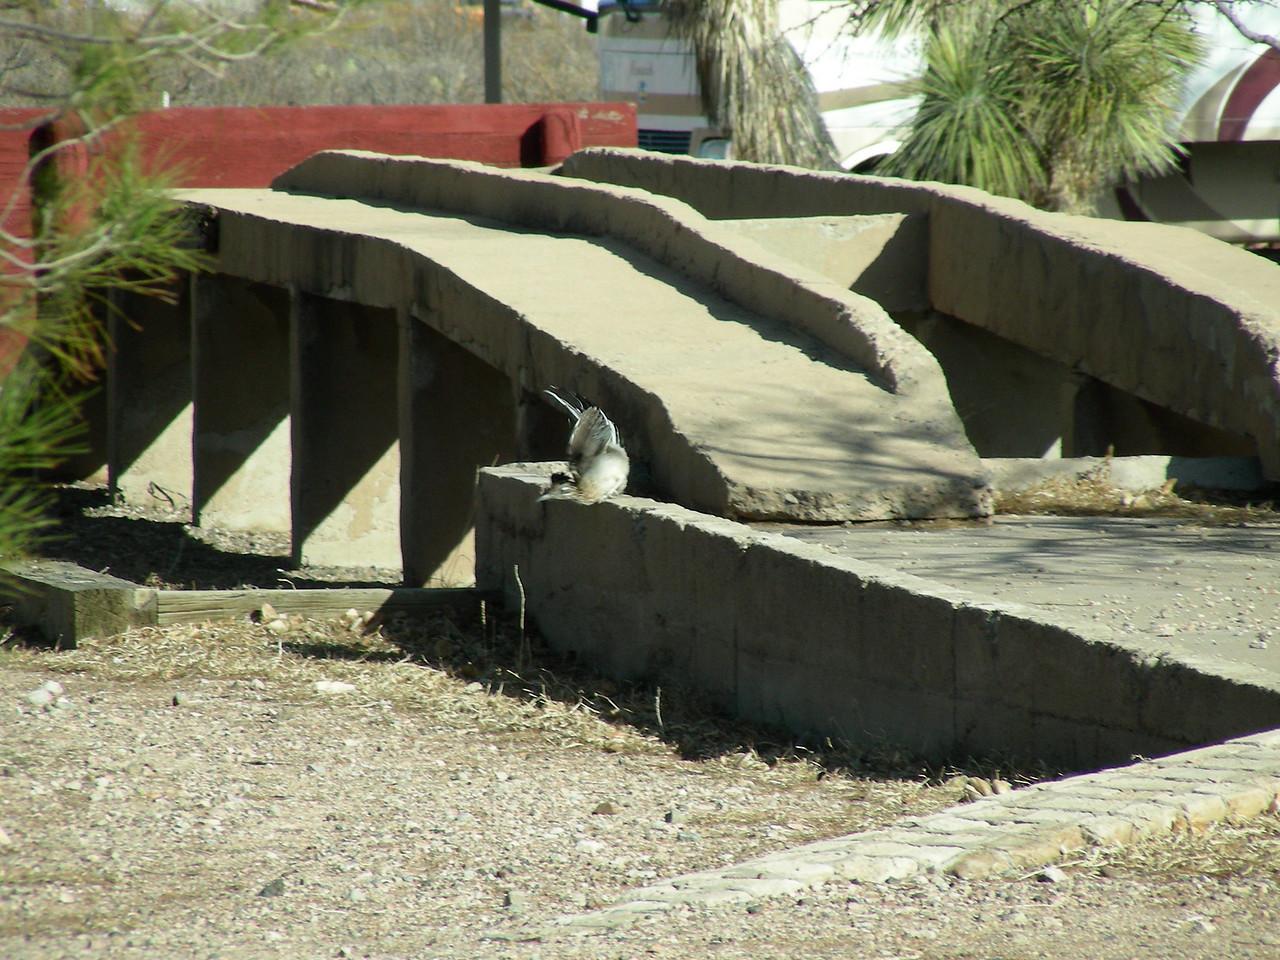 Road Runner at U.S. Army Maintenance Depot | Pancho Villa State Park, Columbus, New Mexico | 2/6/2010